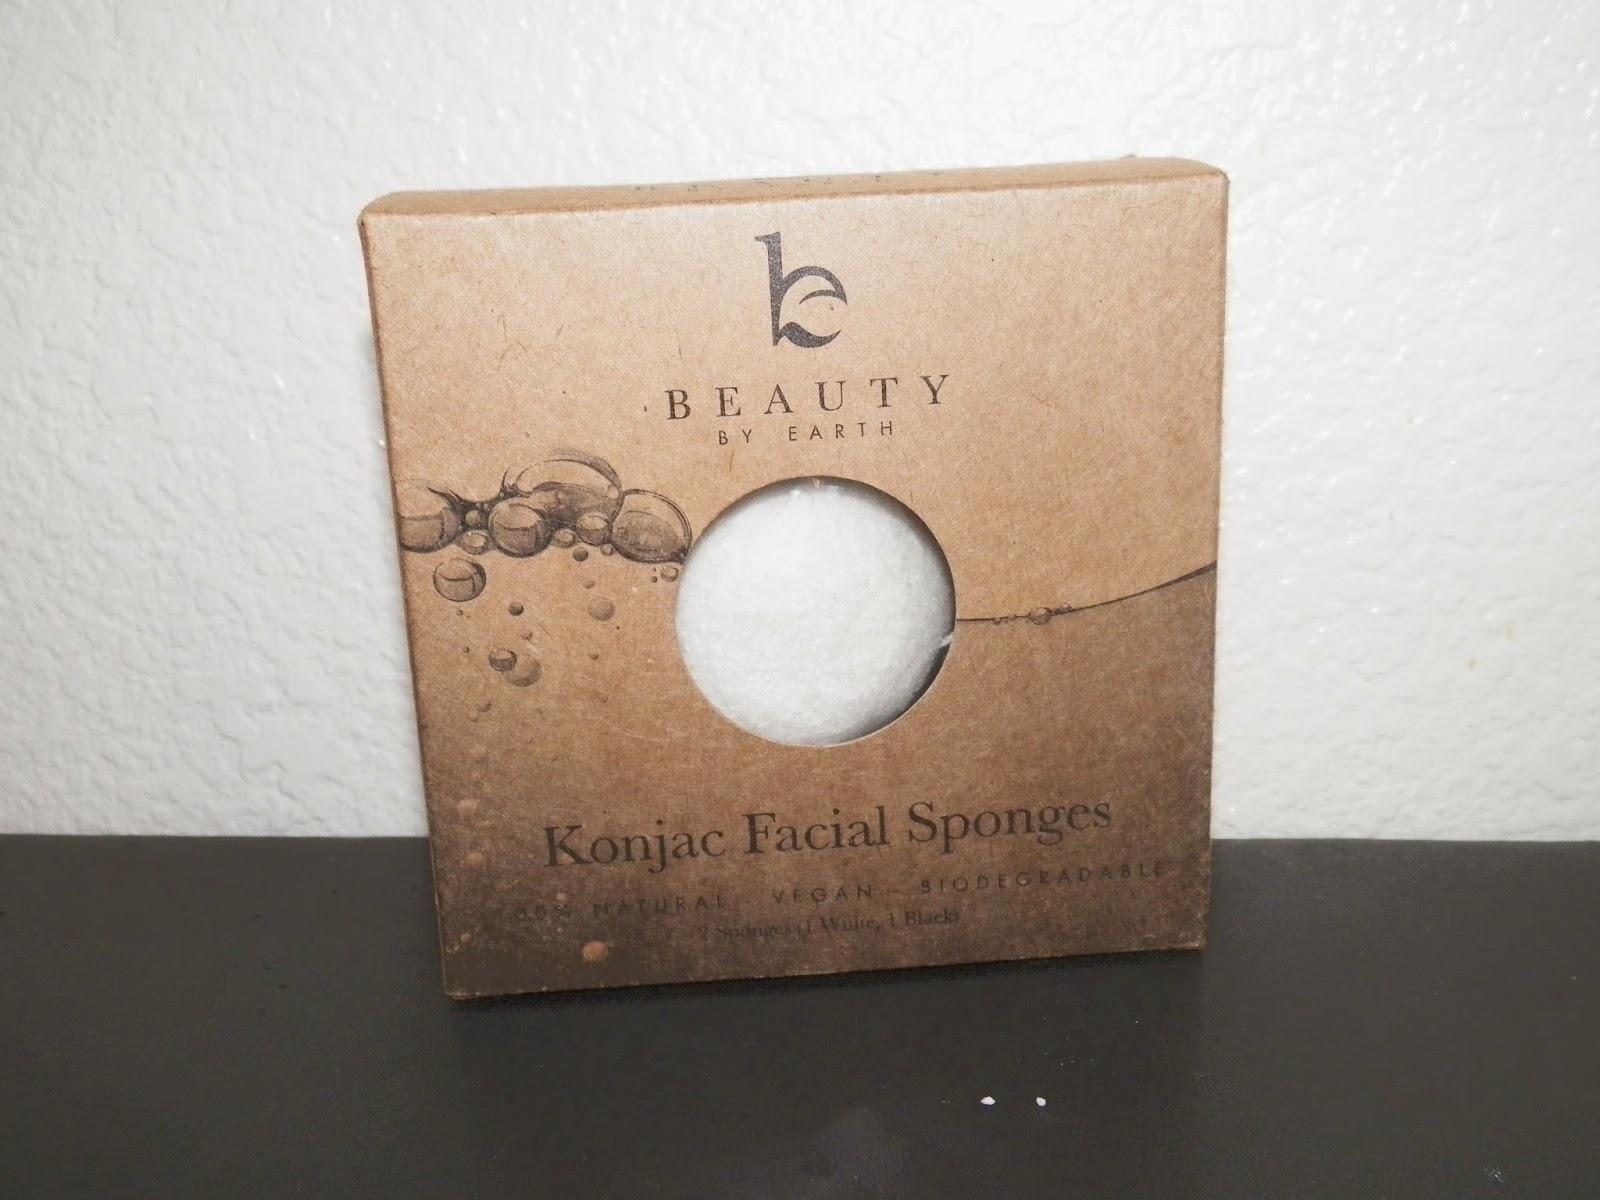 BeautyByEarthKonjacFacialSponge.jpg